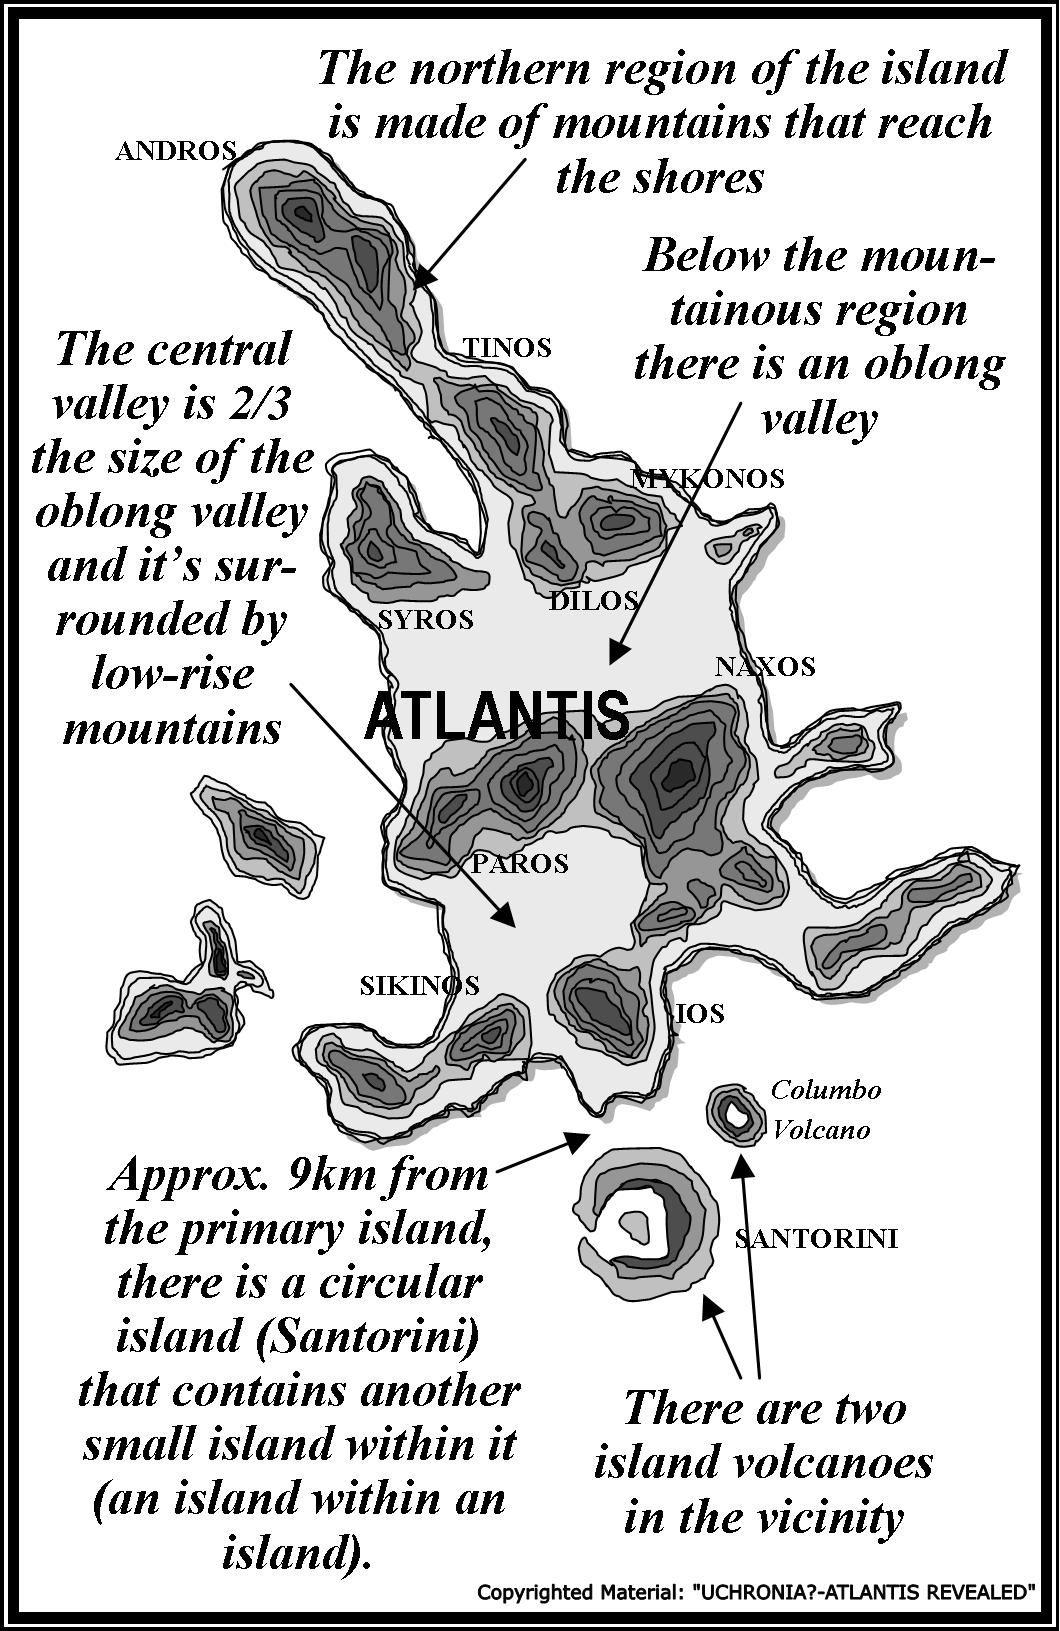 plato s atlantis atlantis pinterest atlantis plato and